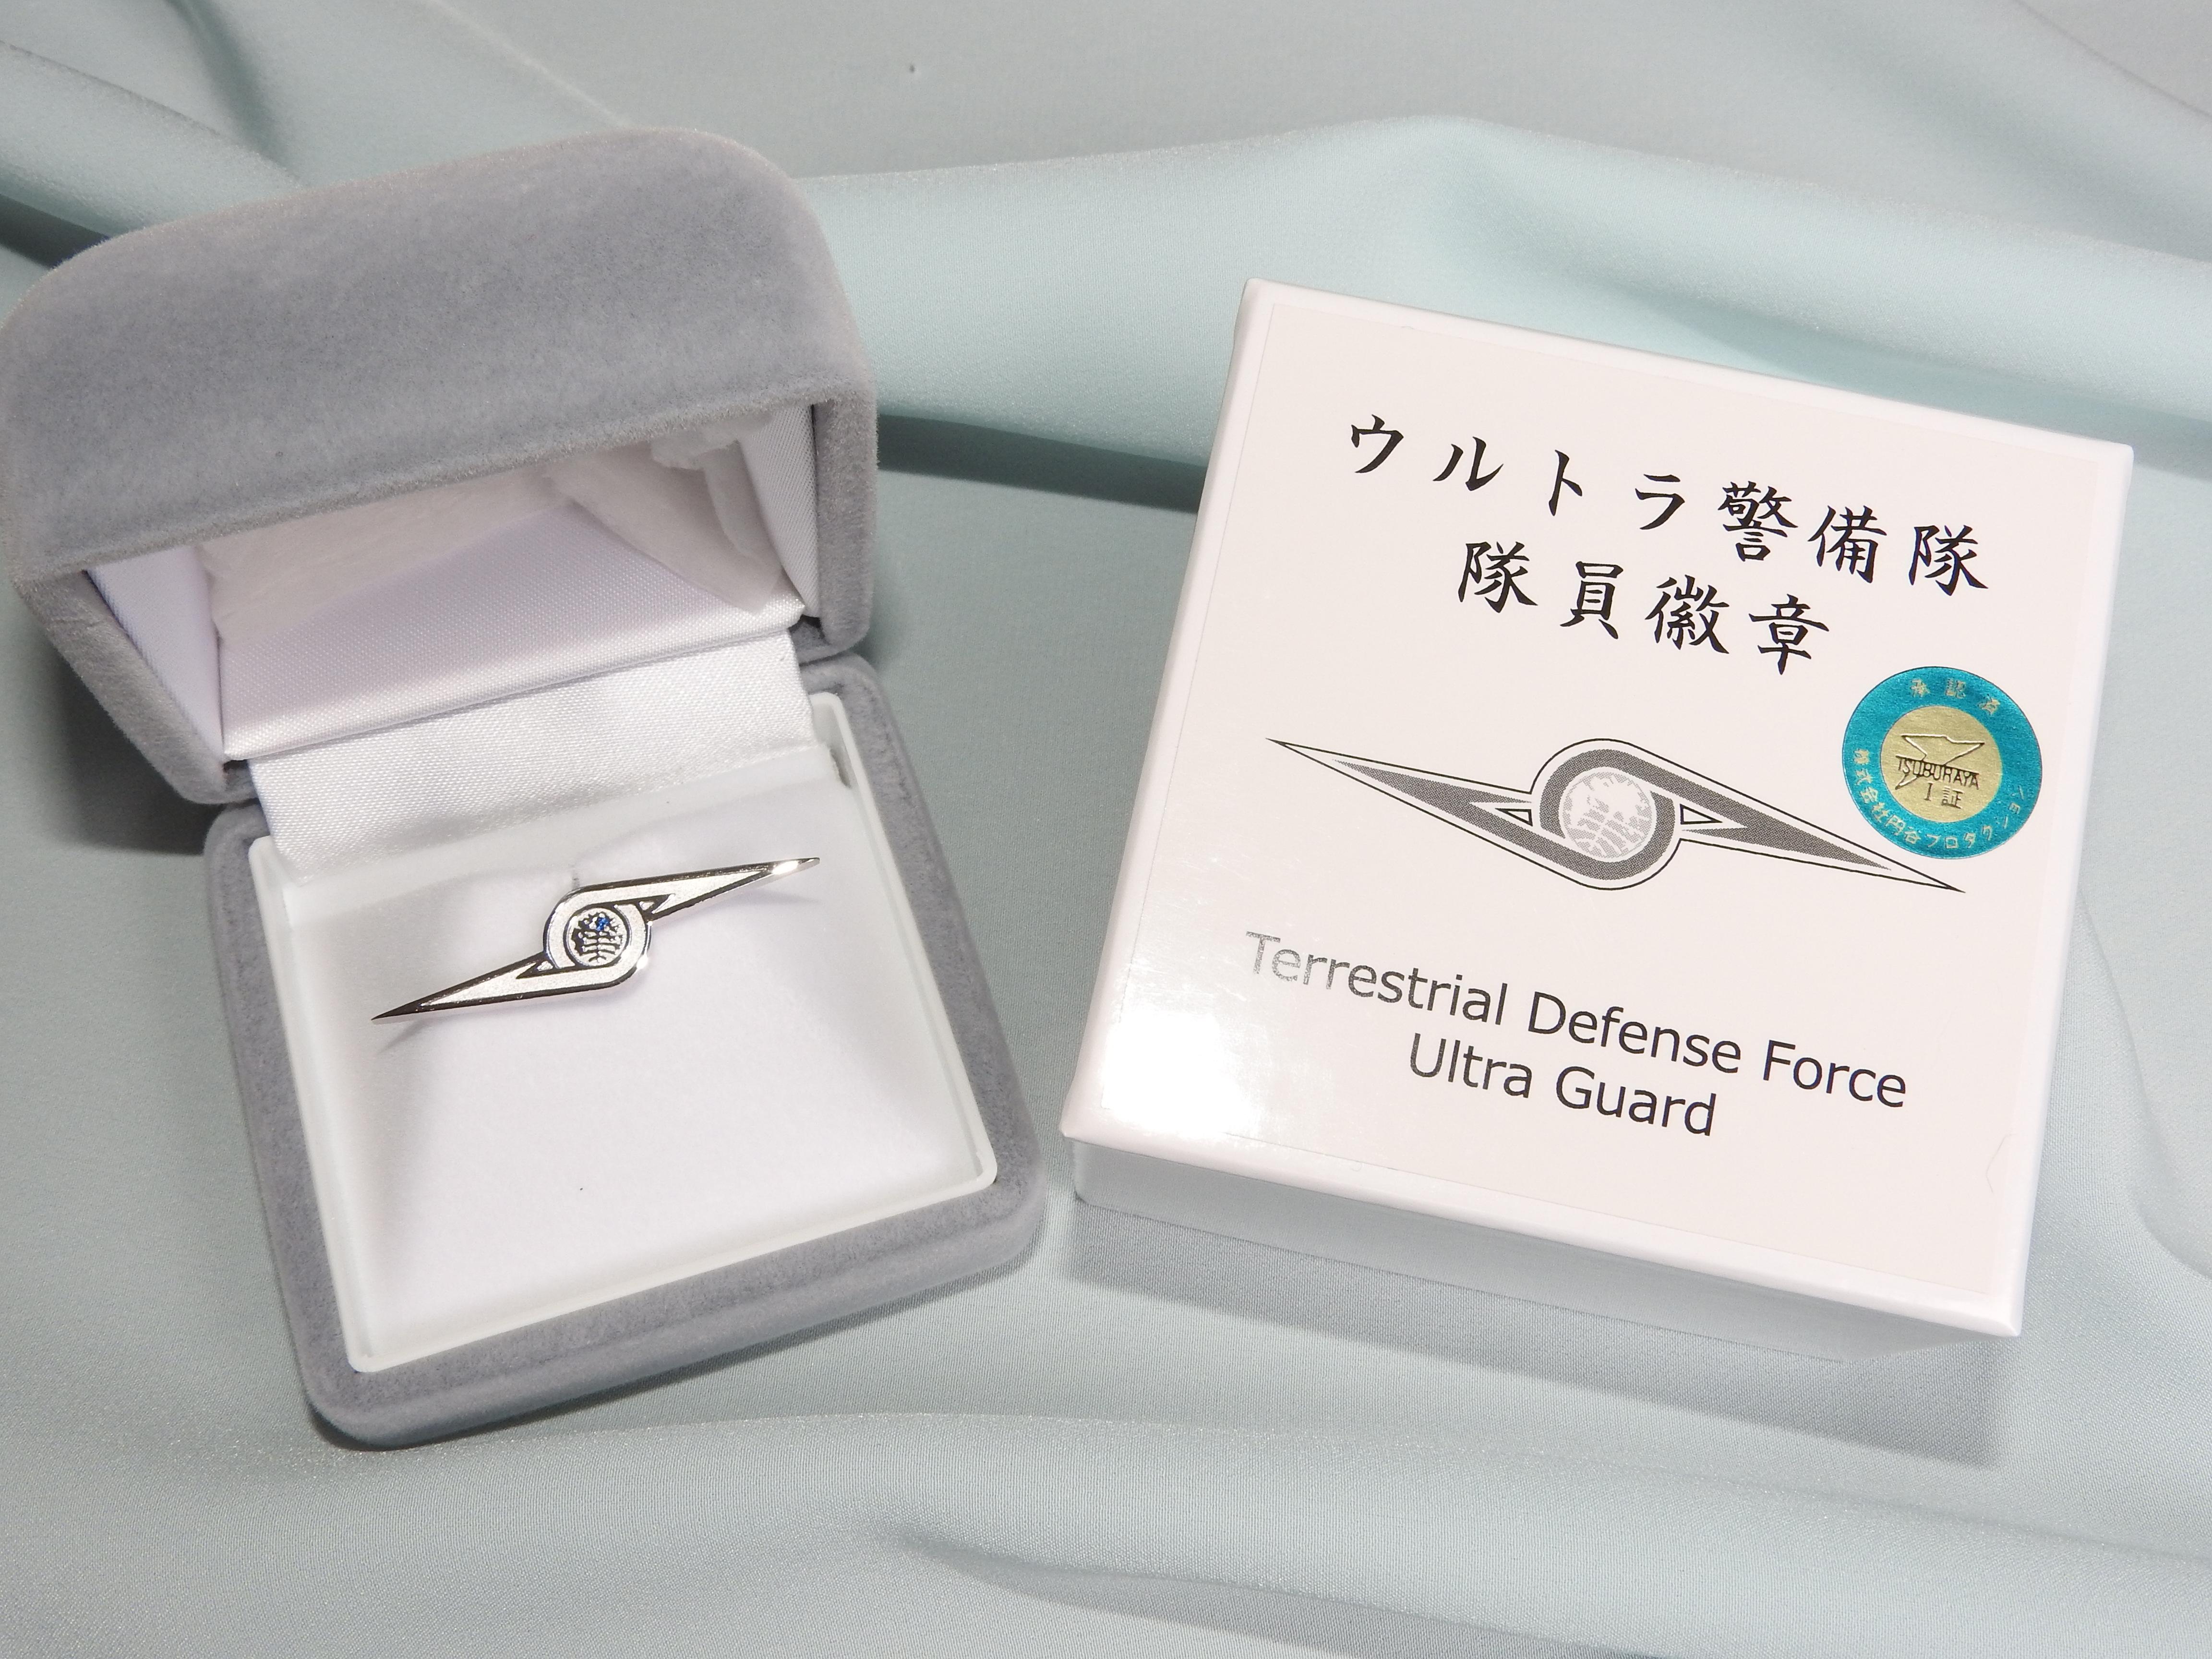 ウルトラセブン「ウルトラ警備隊 隊員徽章」TDF-UG